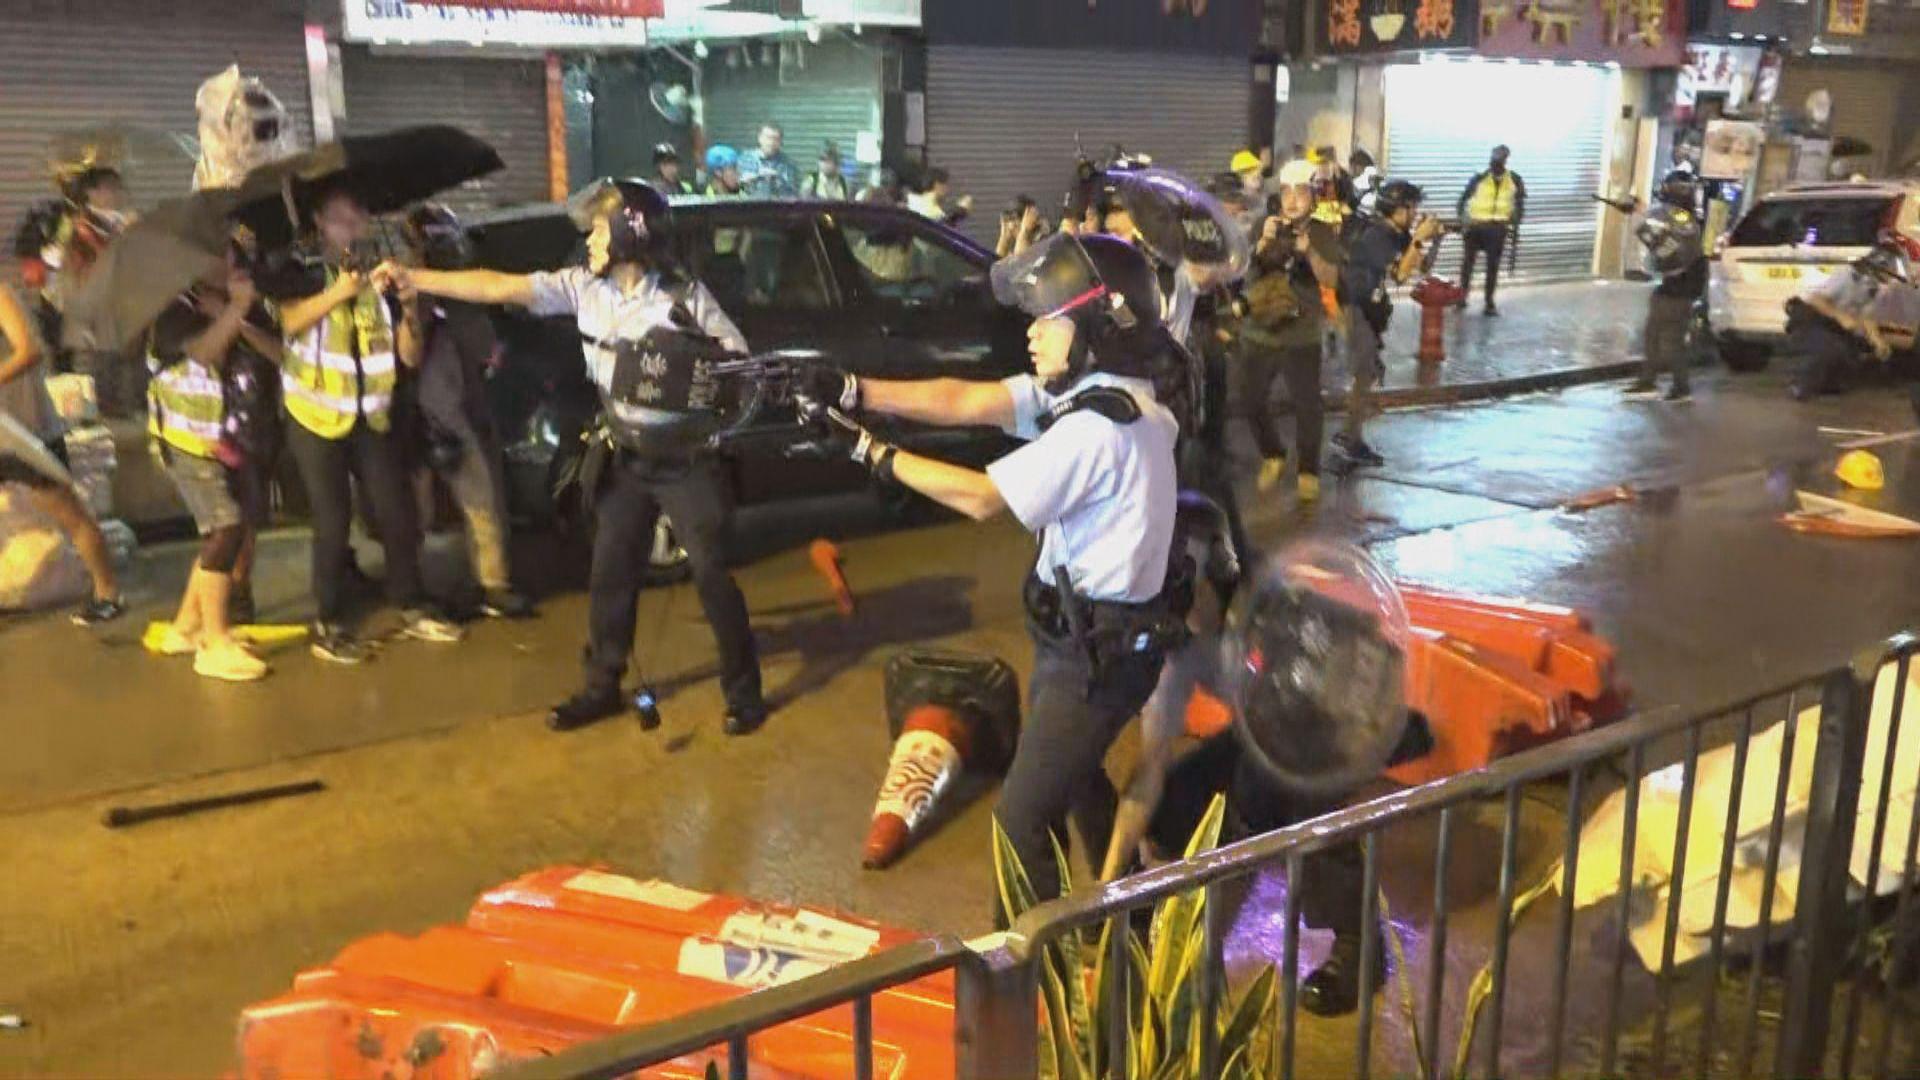 示威者晚上到二陂坊破壞 警員一度開槍